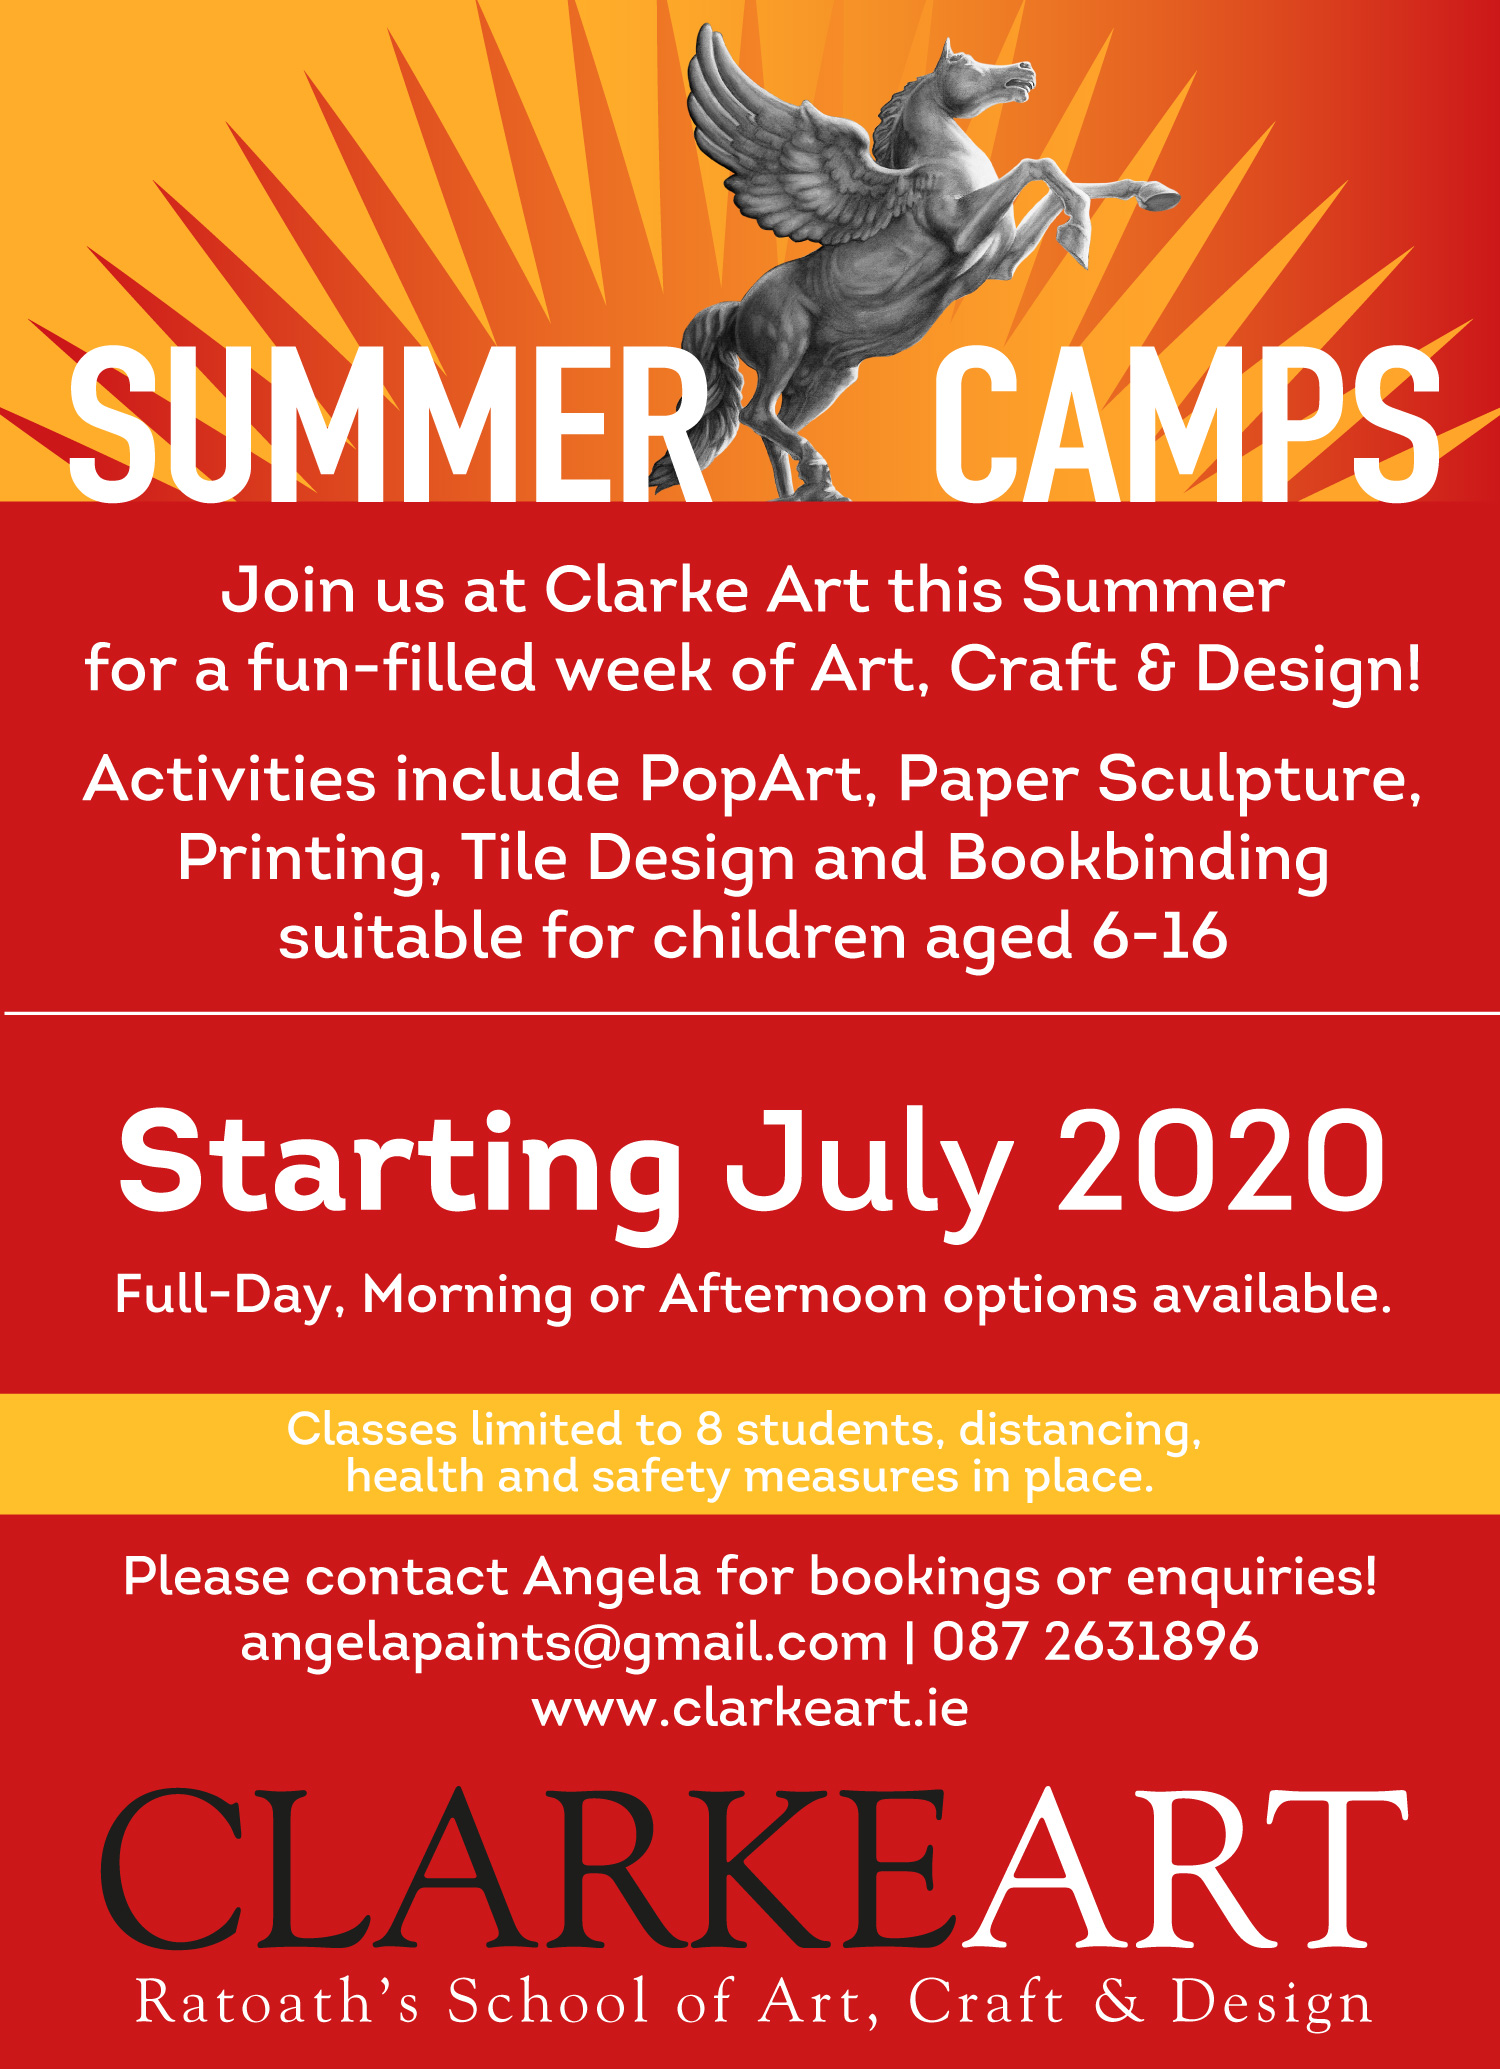 SummerCamps2020_ad2